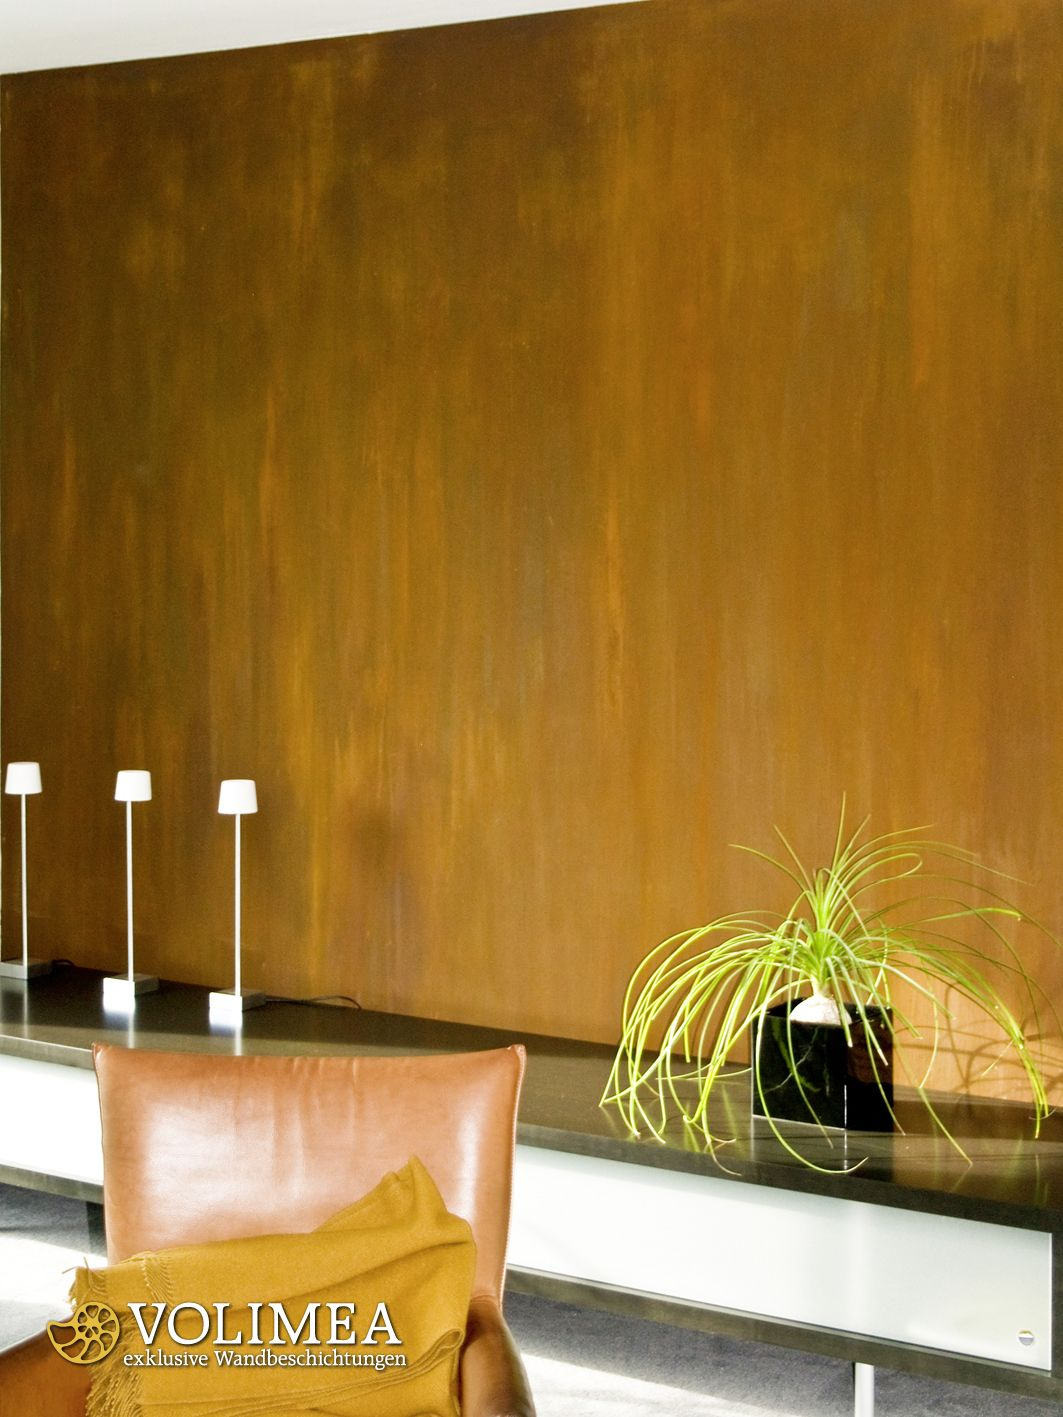 Schöner Wohnen Mit Rostputz Von Volimea, Hochwertige Wandideen Fürs Bad,  Flur, Wohnzimmer, Küche, Schlafzimmer Oder Eine Kamingestaltung, Maler  Tommaso Aus ...